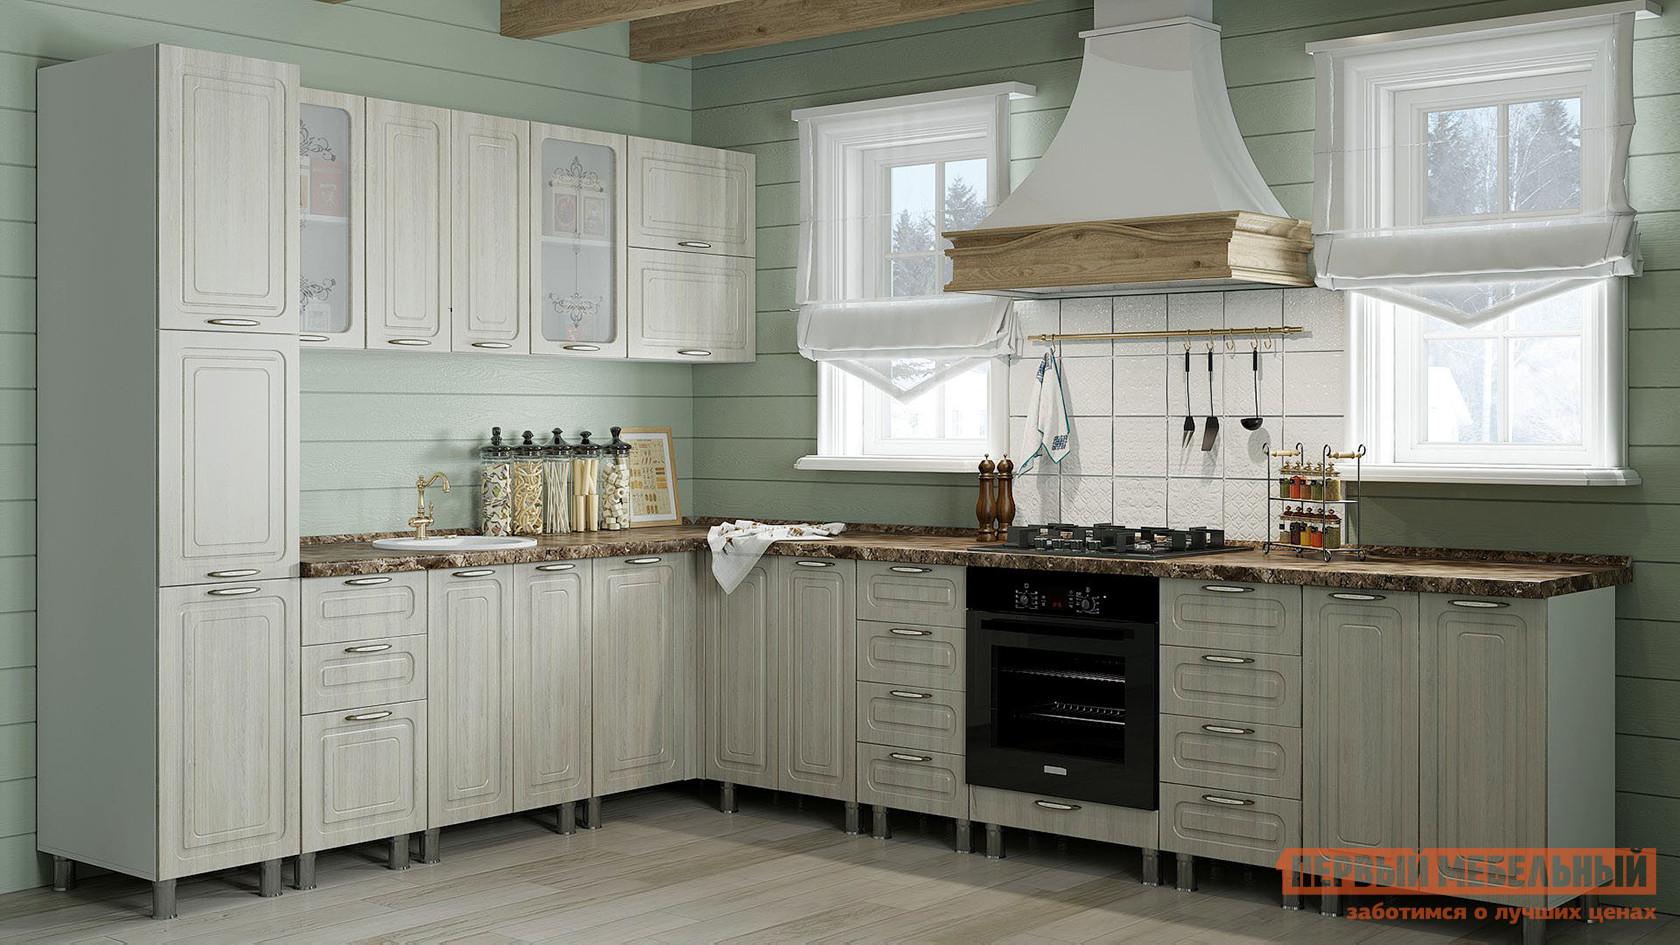 Кухонный гарнитур Первый Мебельный Прованс 320 х 240 см кухонный гарнитур витра аврора 240